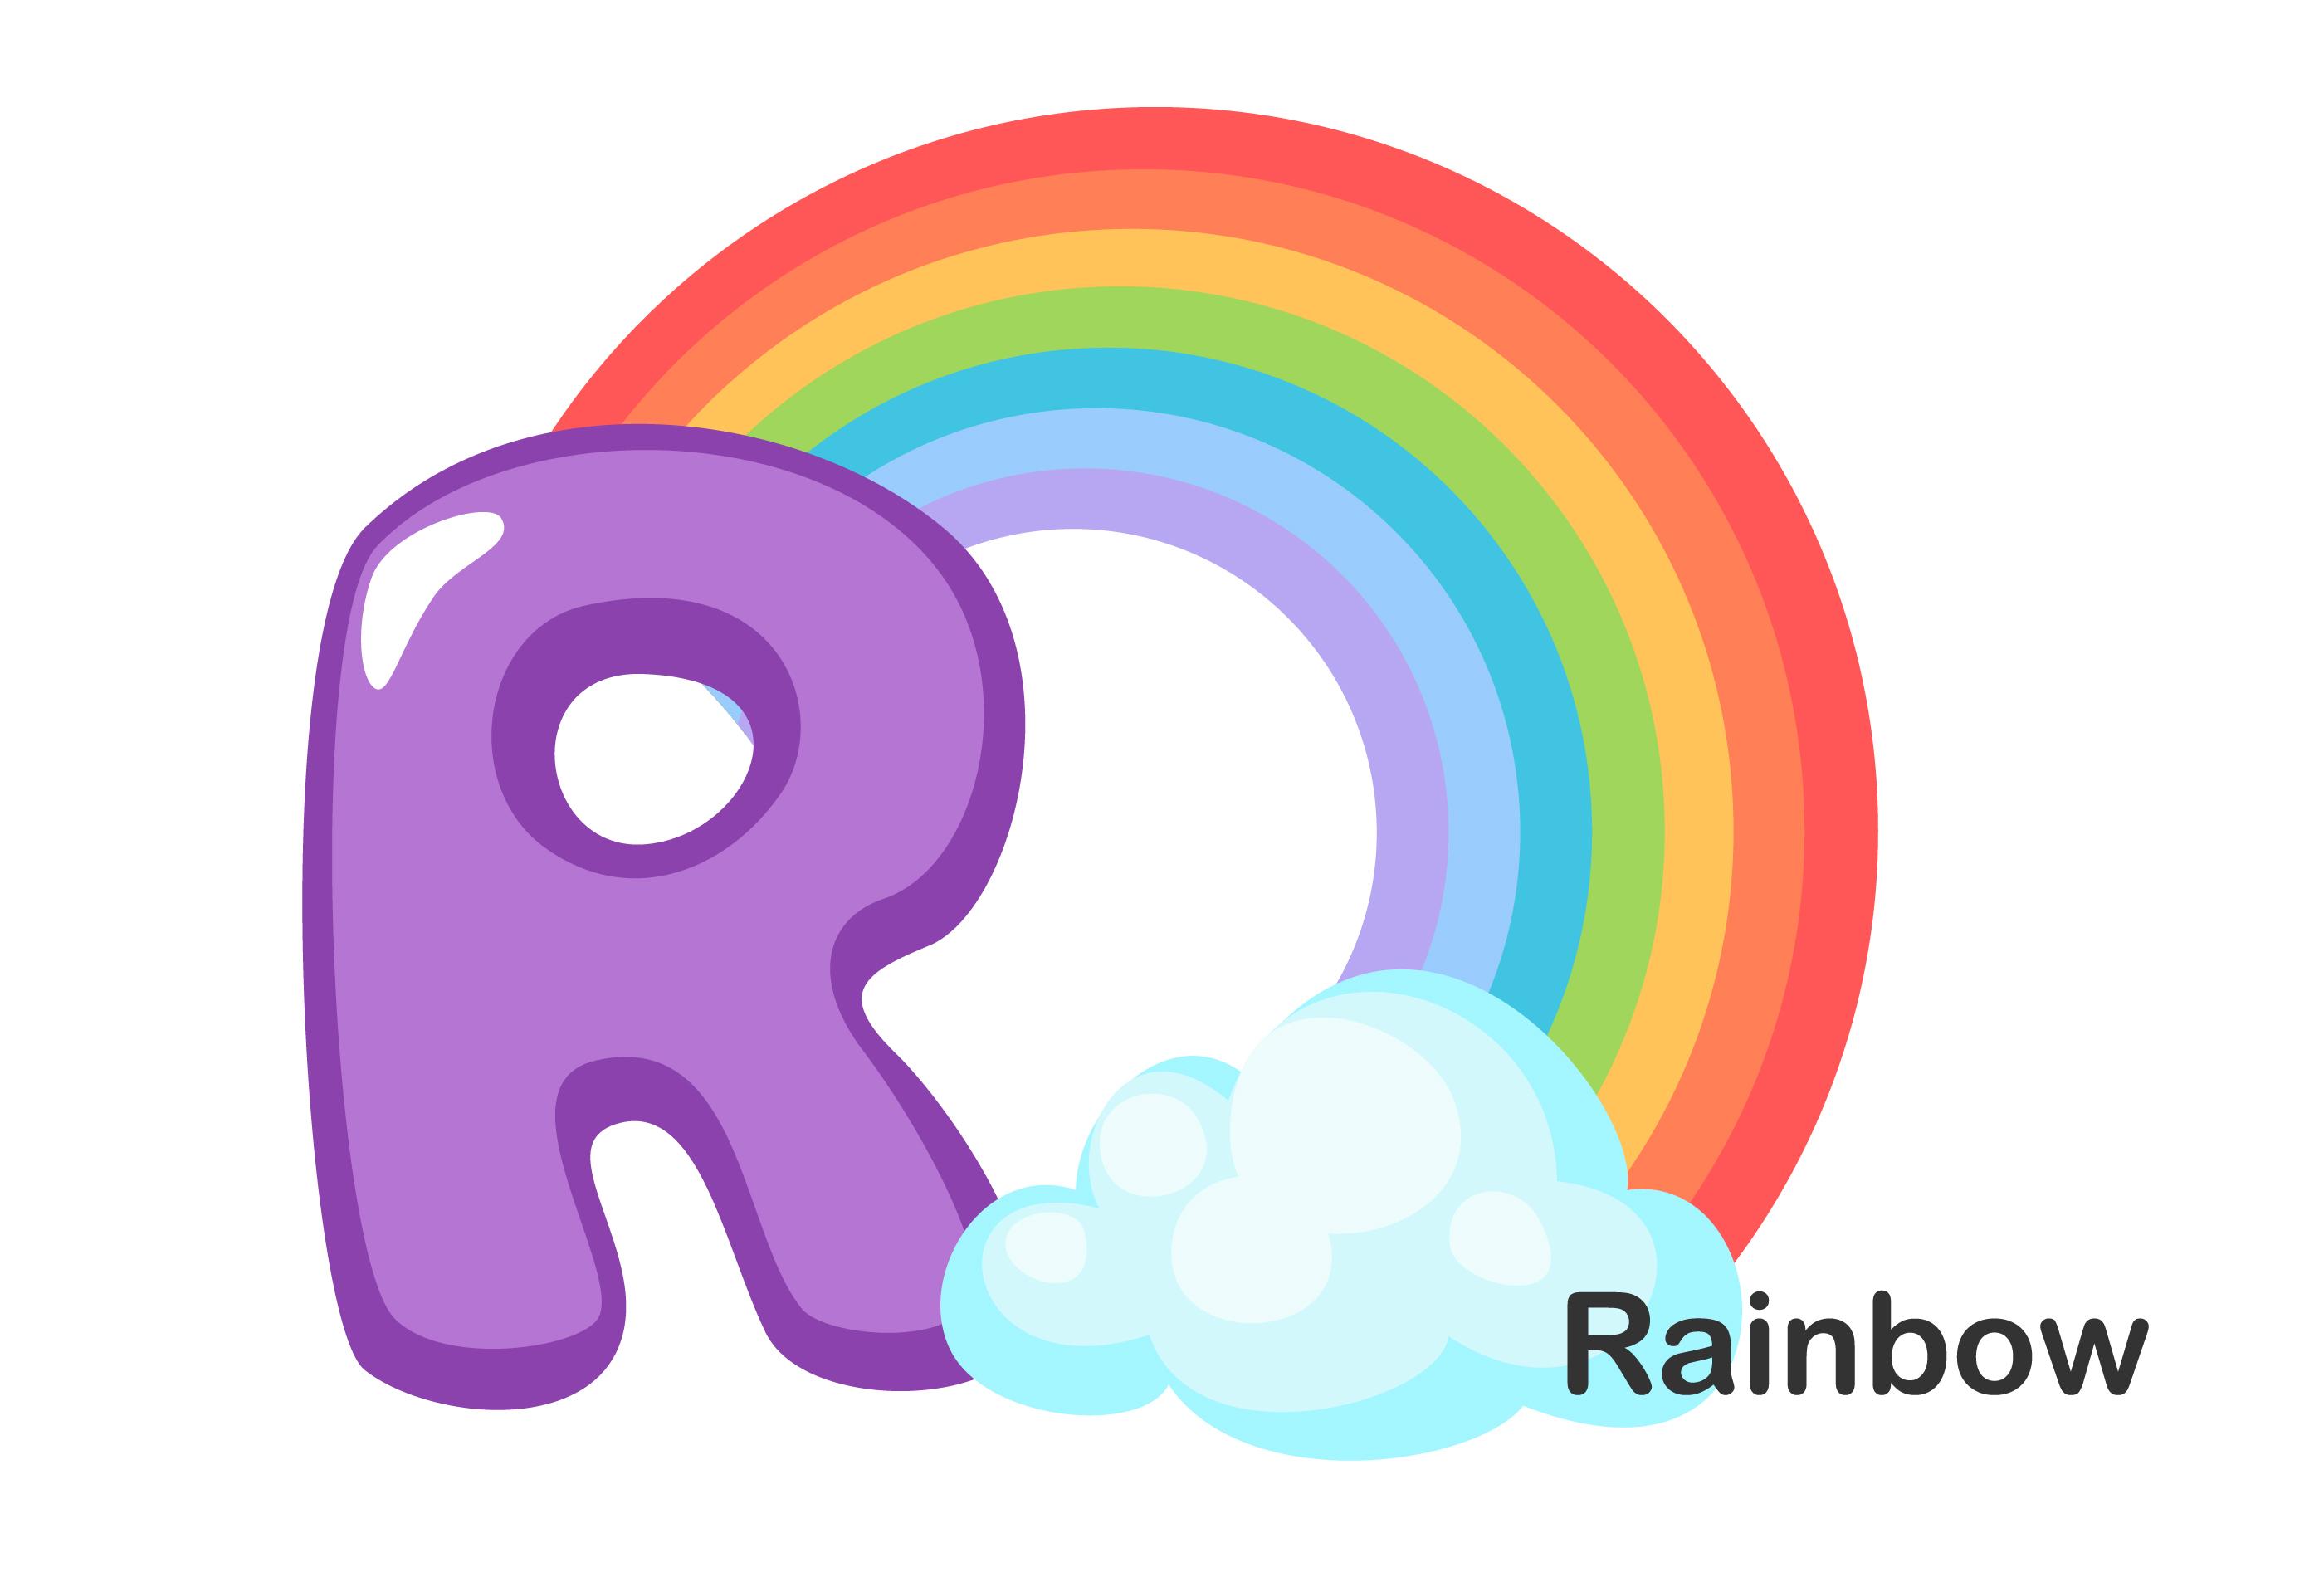 R Para Rainbow